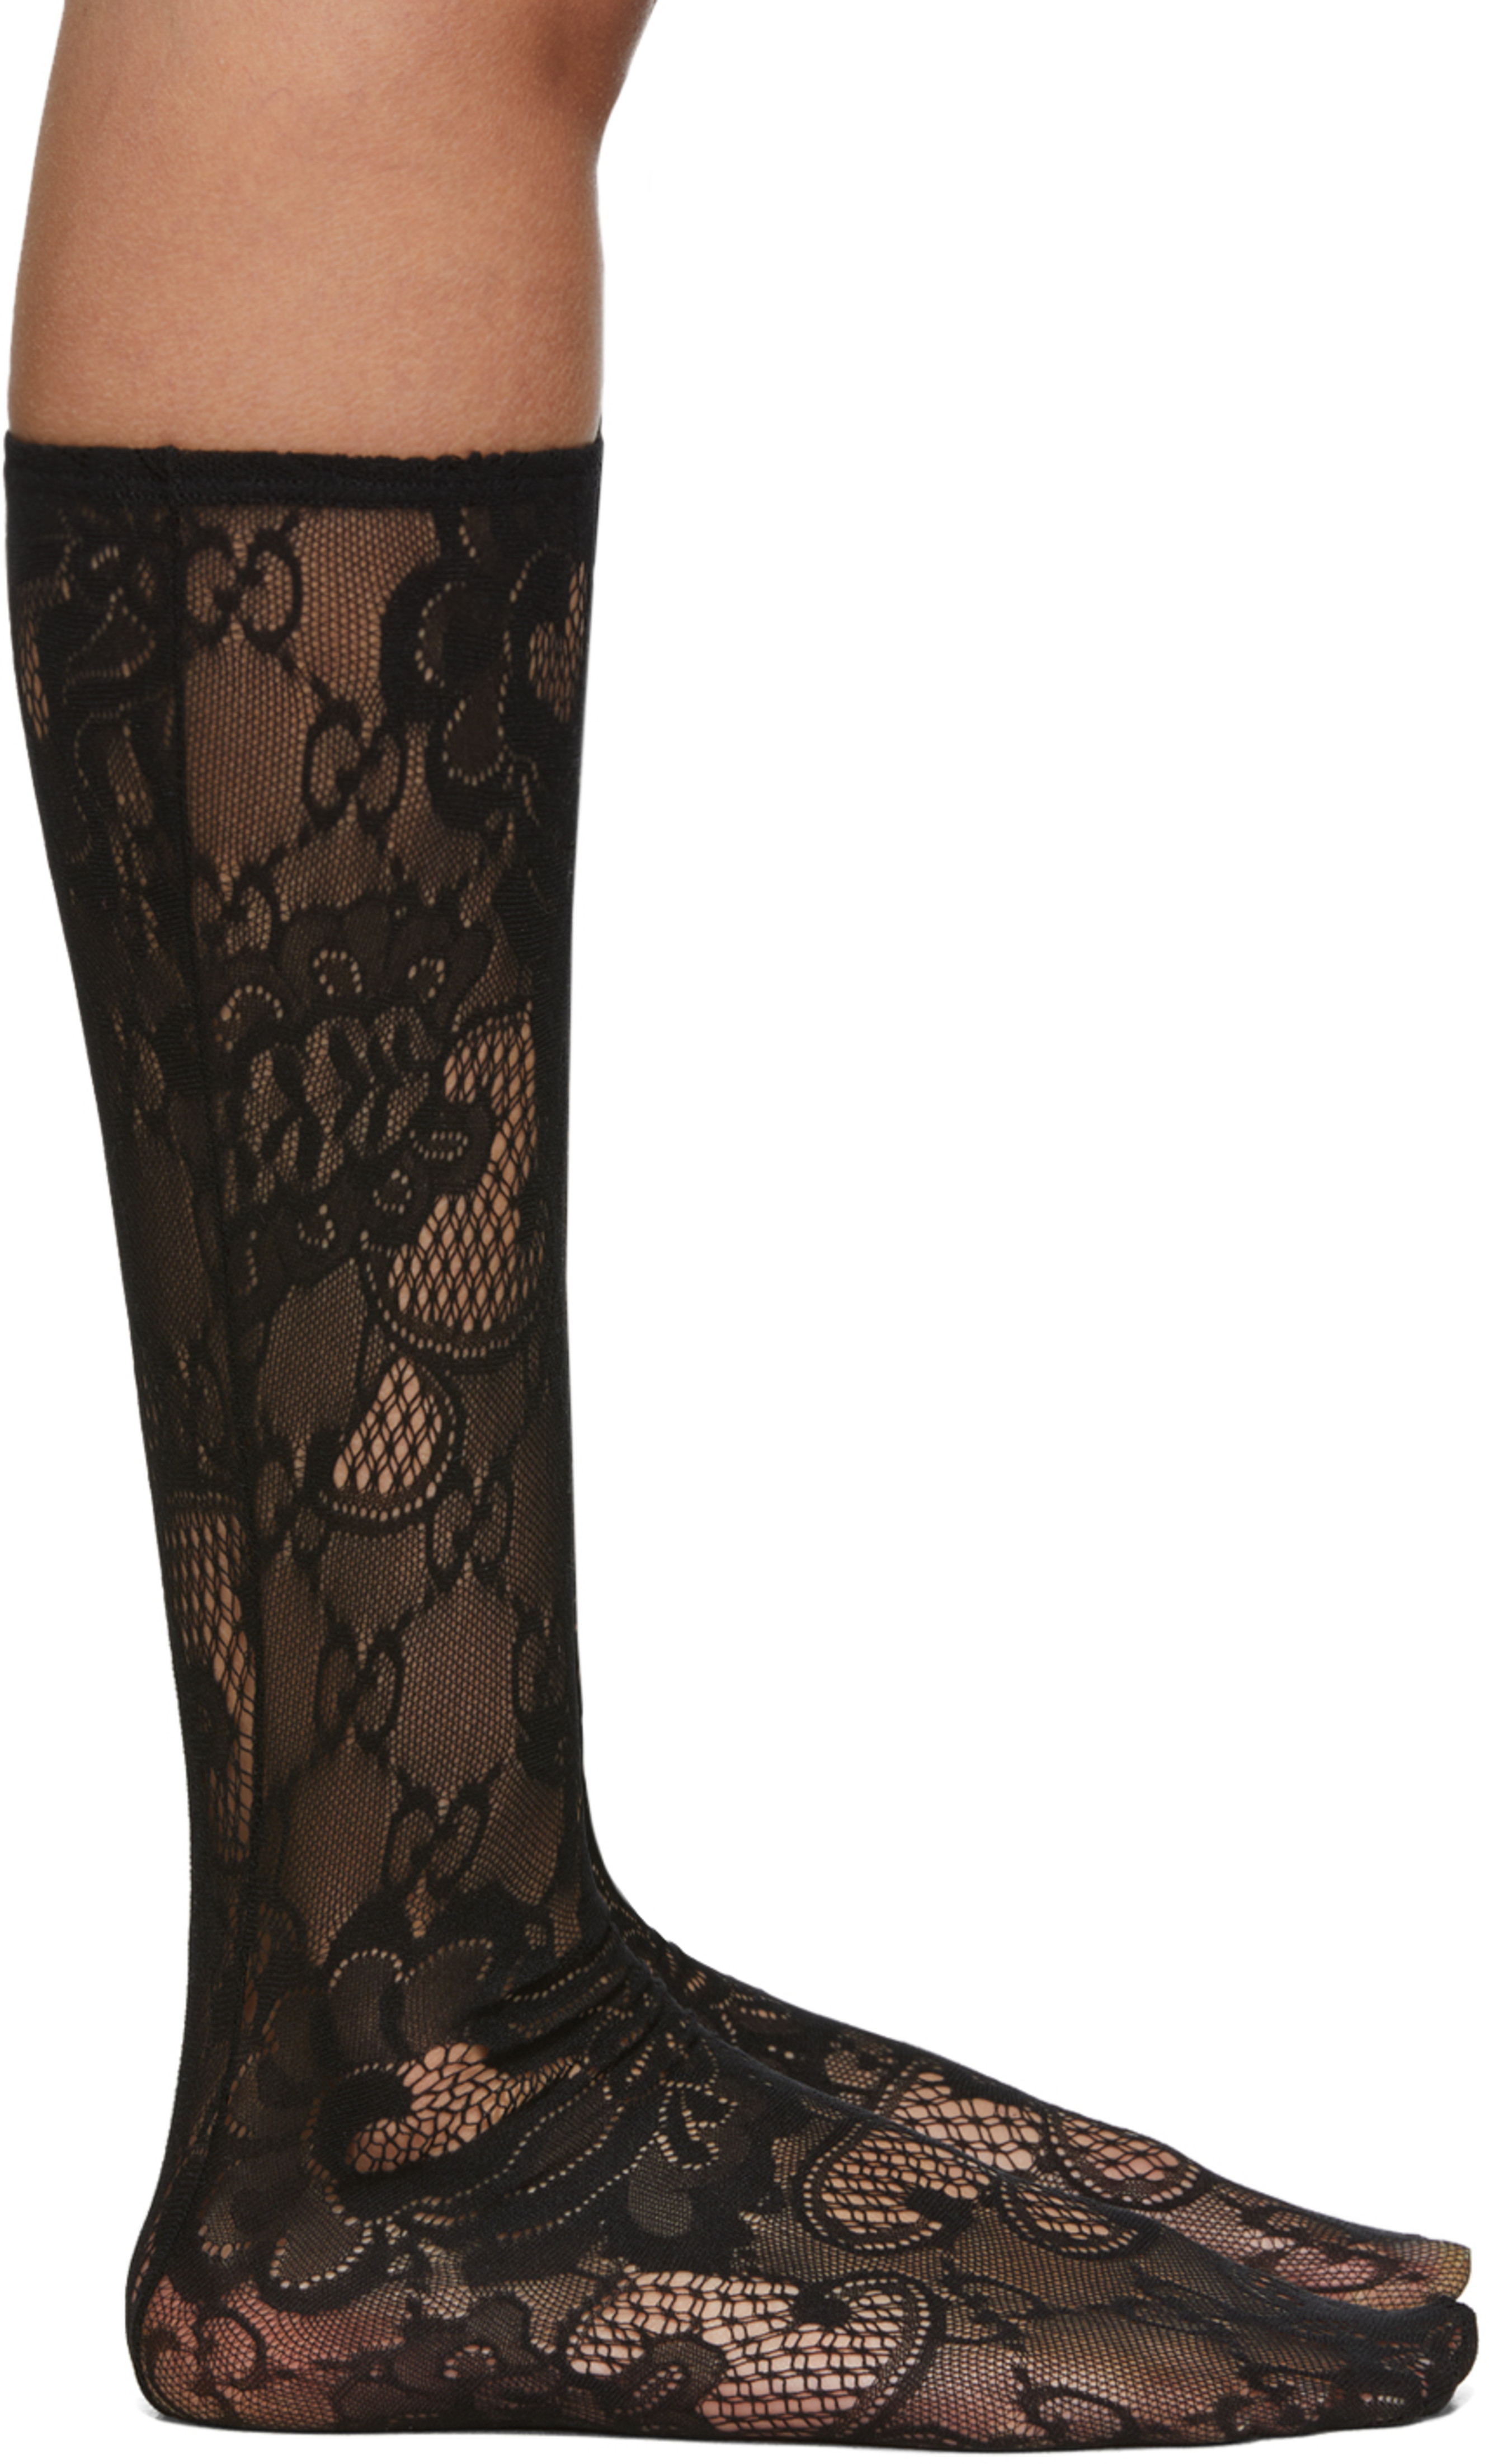 8858f9c78e9 Designer socks for Women